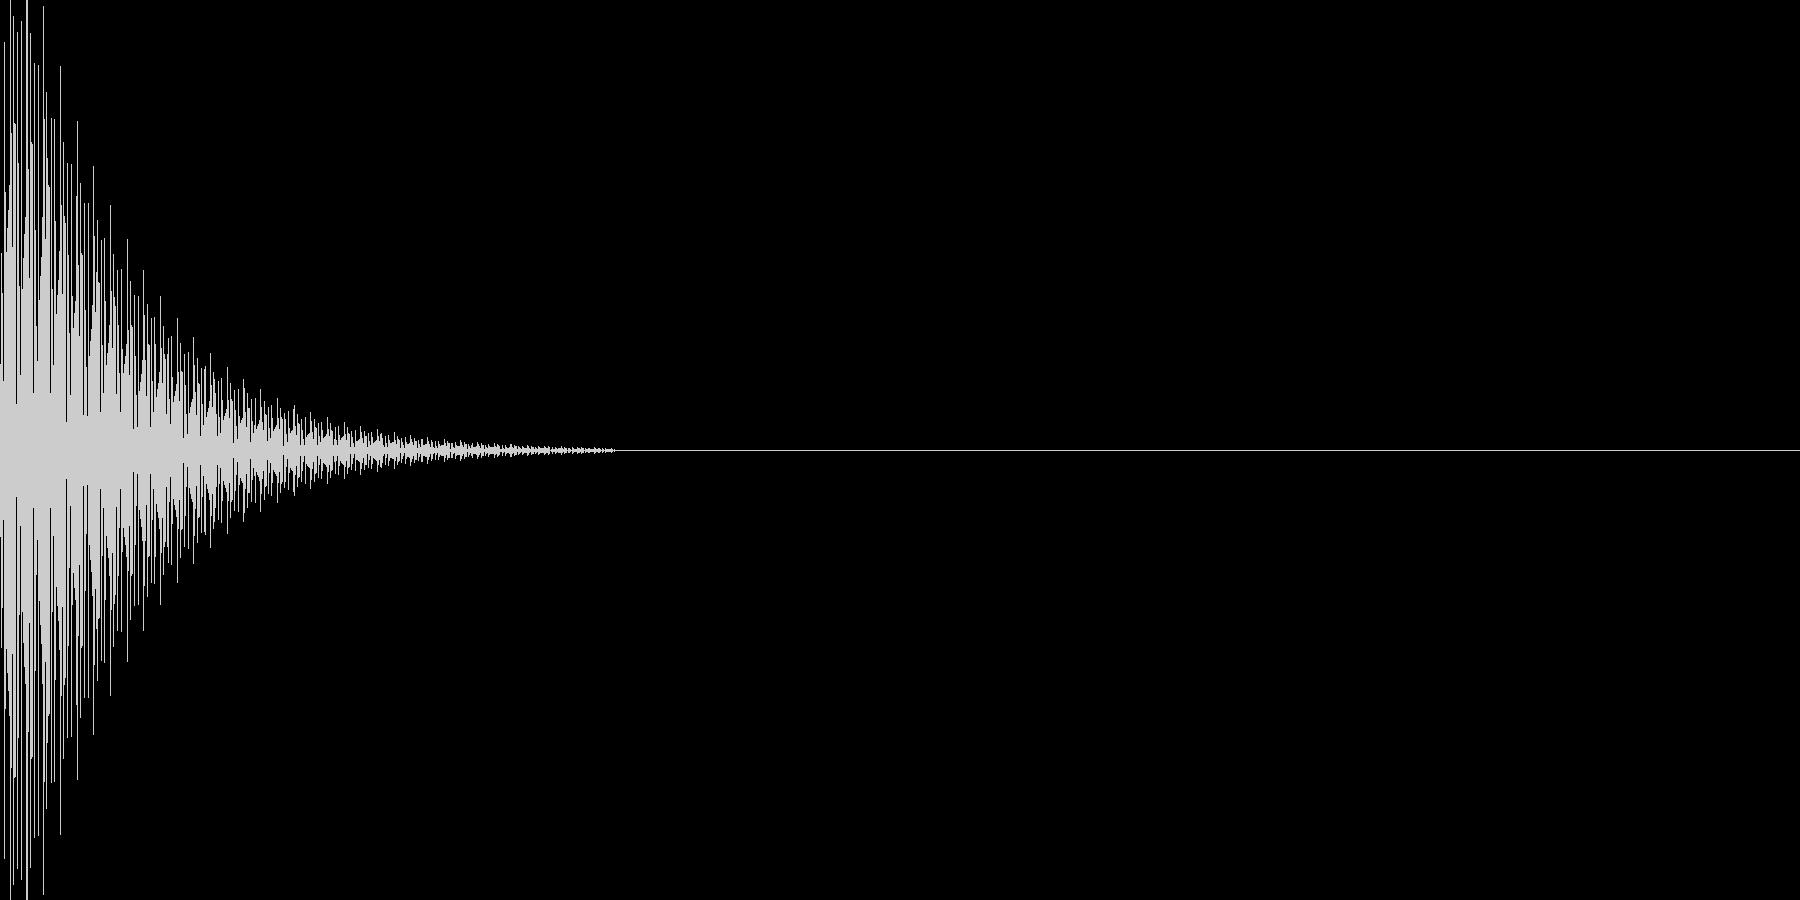 ゲームのキャンセル・エラー音の未再生の波形